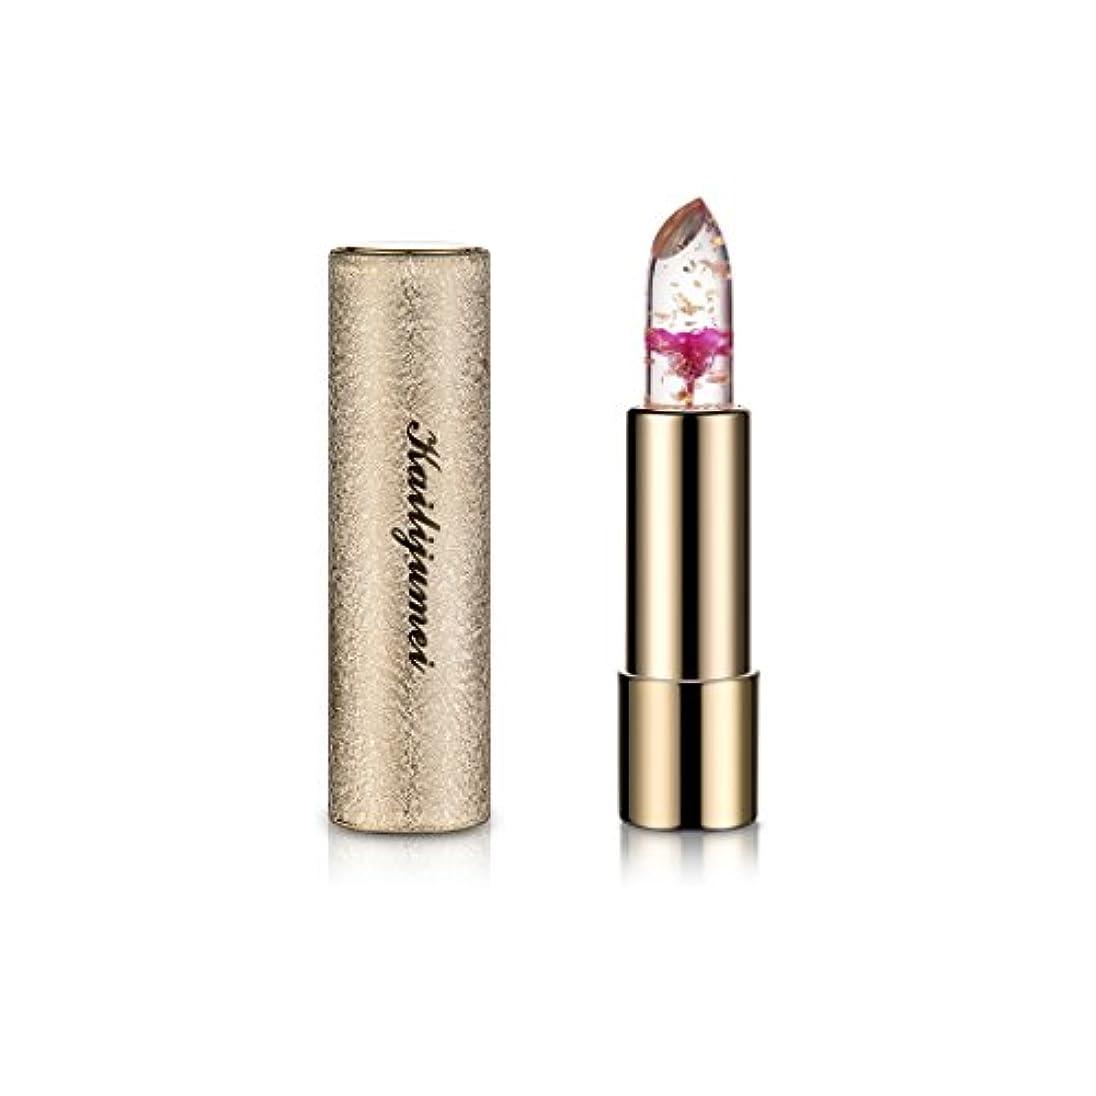 組立線形事前に日本限定モデル 新作 kailijumei magic color lip 日本正規品 マジックカラー 唇の温度で色が変化するリップ 口紅 リップバーム カイリジュメイ ドライフラワー お花 (FLAME RED(レッド))